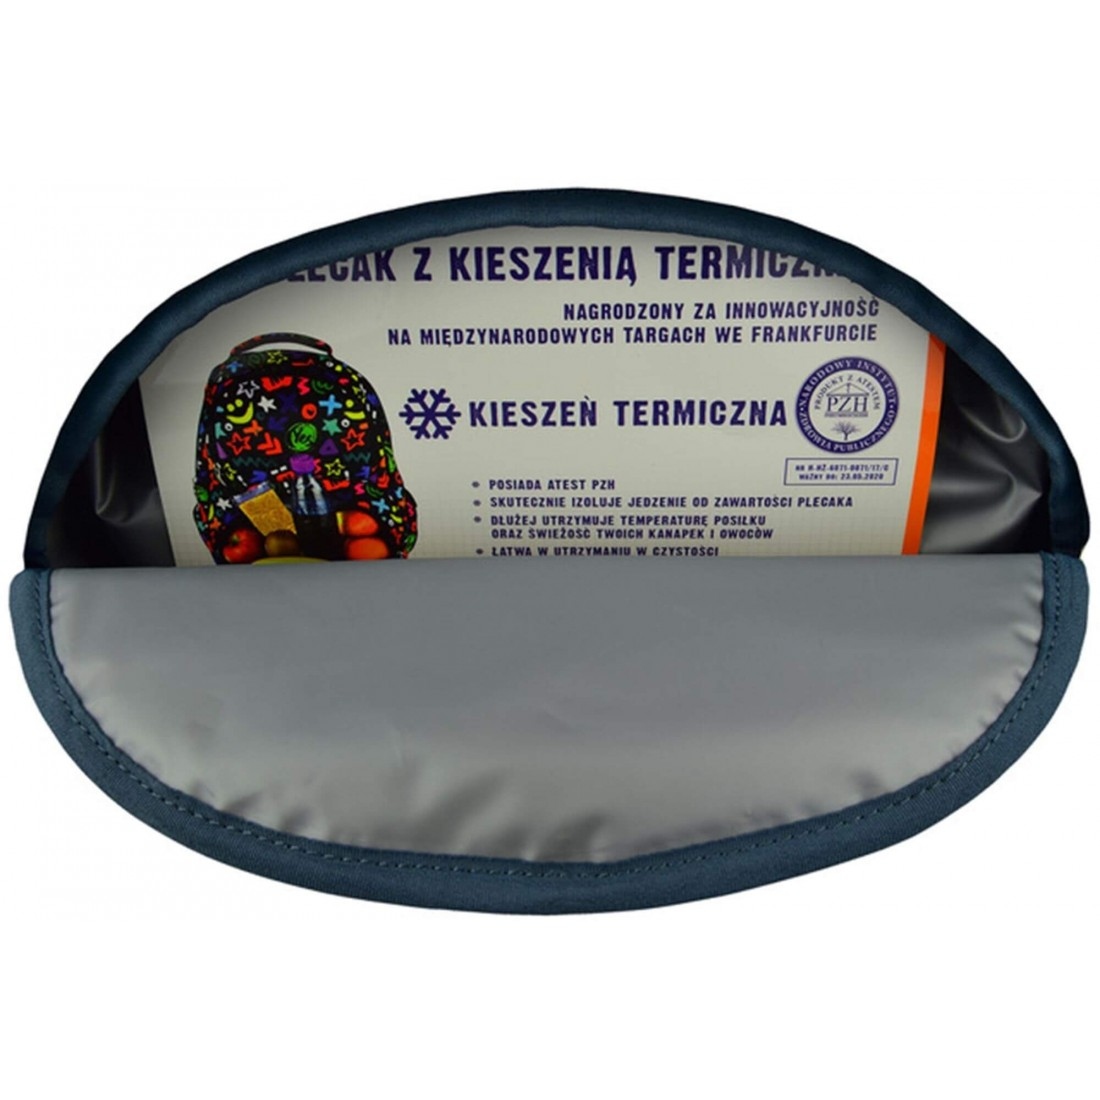 Plecak ST.RIGHT BP07 posiada wielofunkcyjną kieszeń termiczną, w której bezpiecznie przechowasz żywność